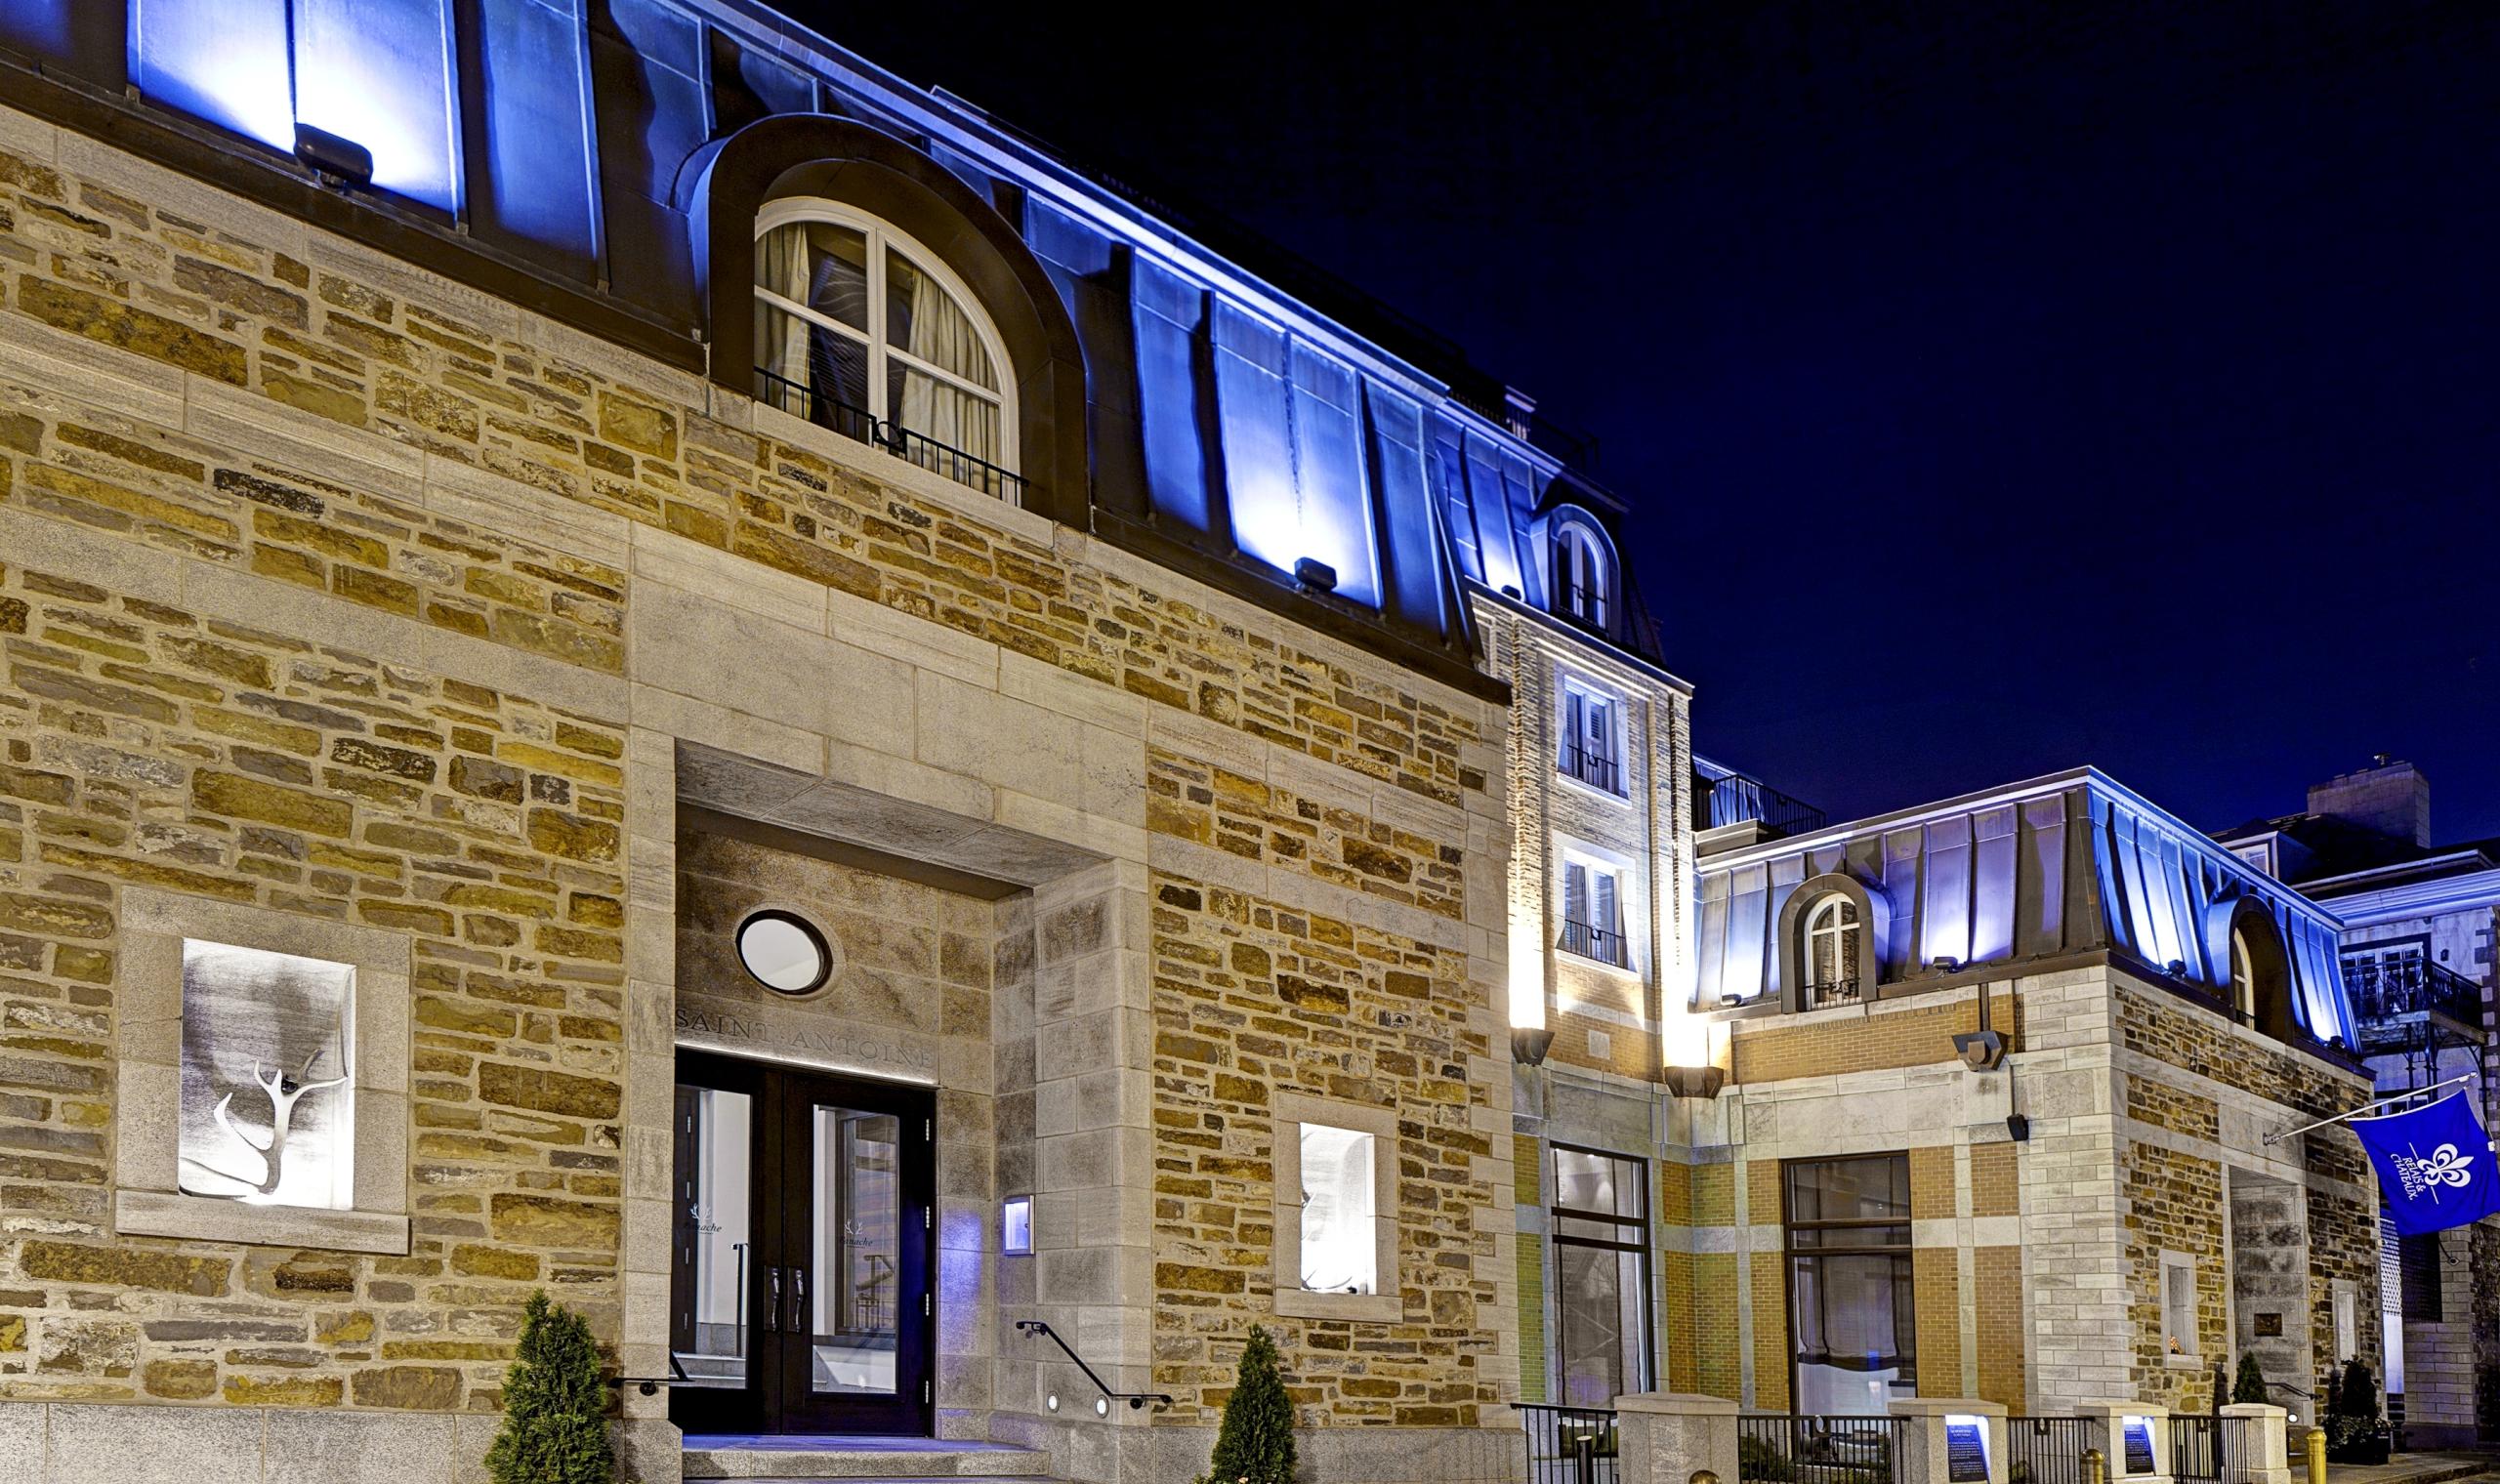 Auberge saint antoine quebec city canadian affair for Design hotel quebec city